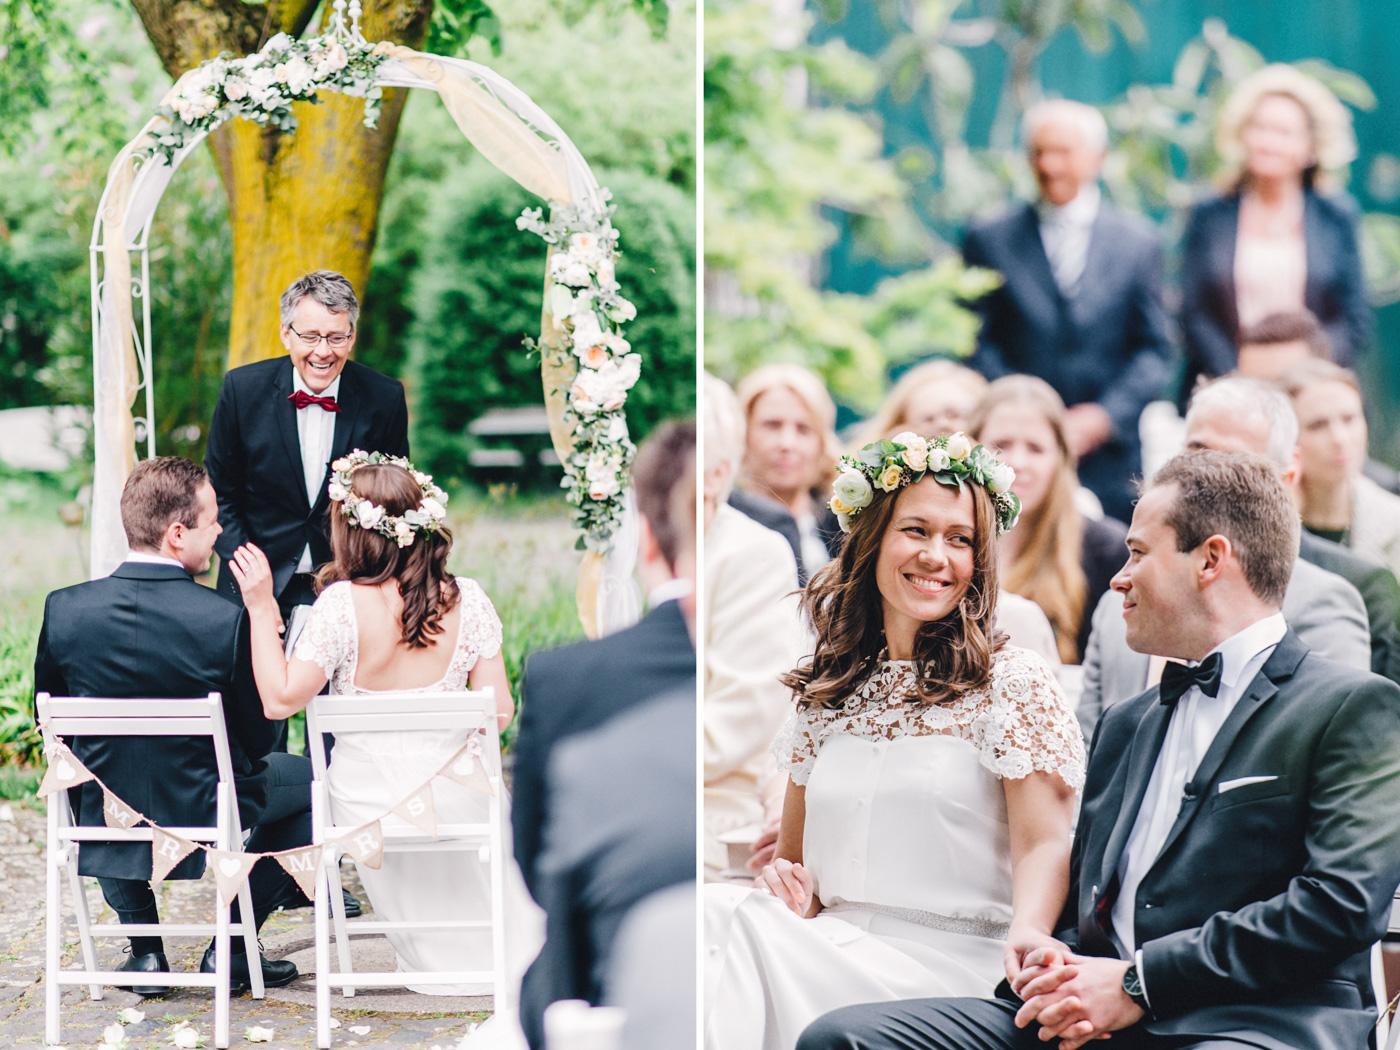 diy-wedding-nothenhof--83